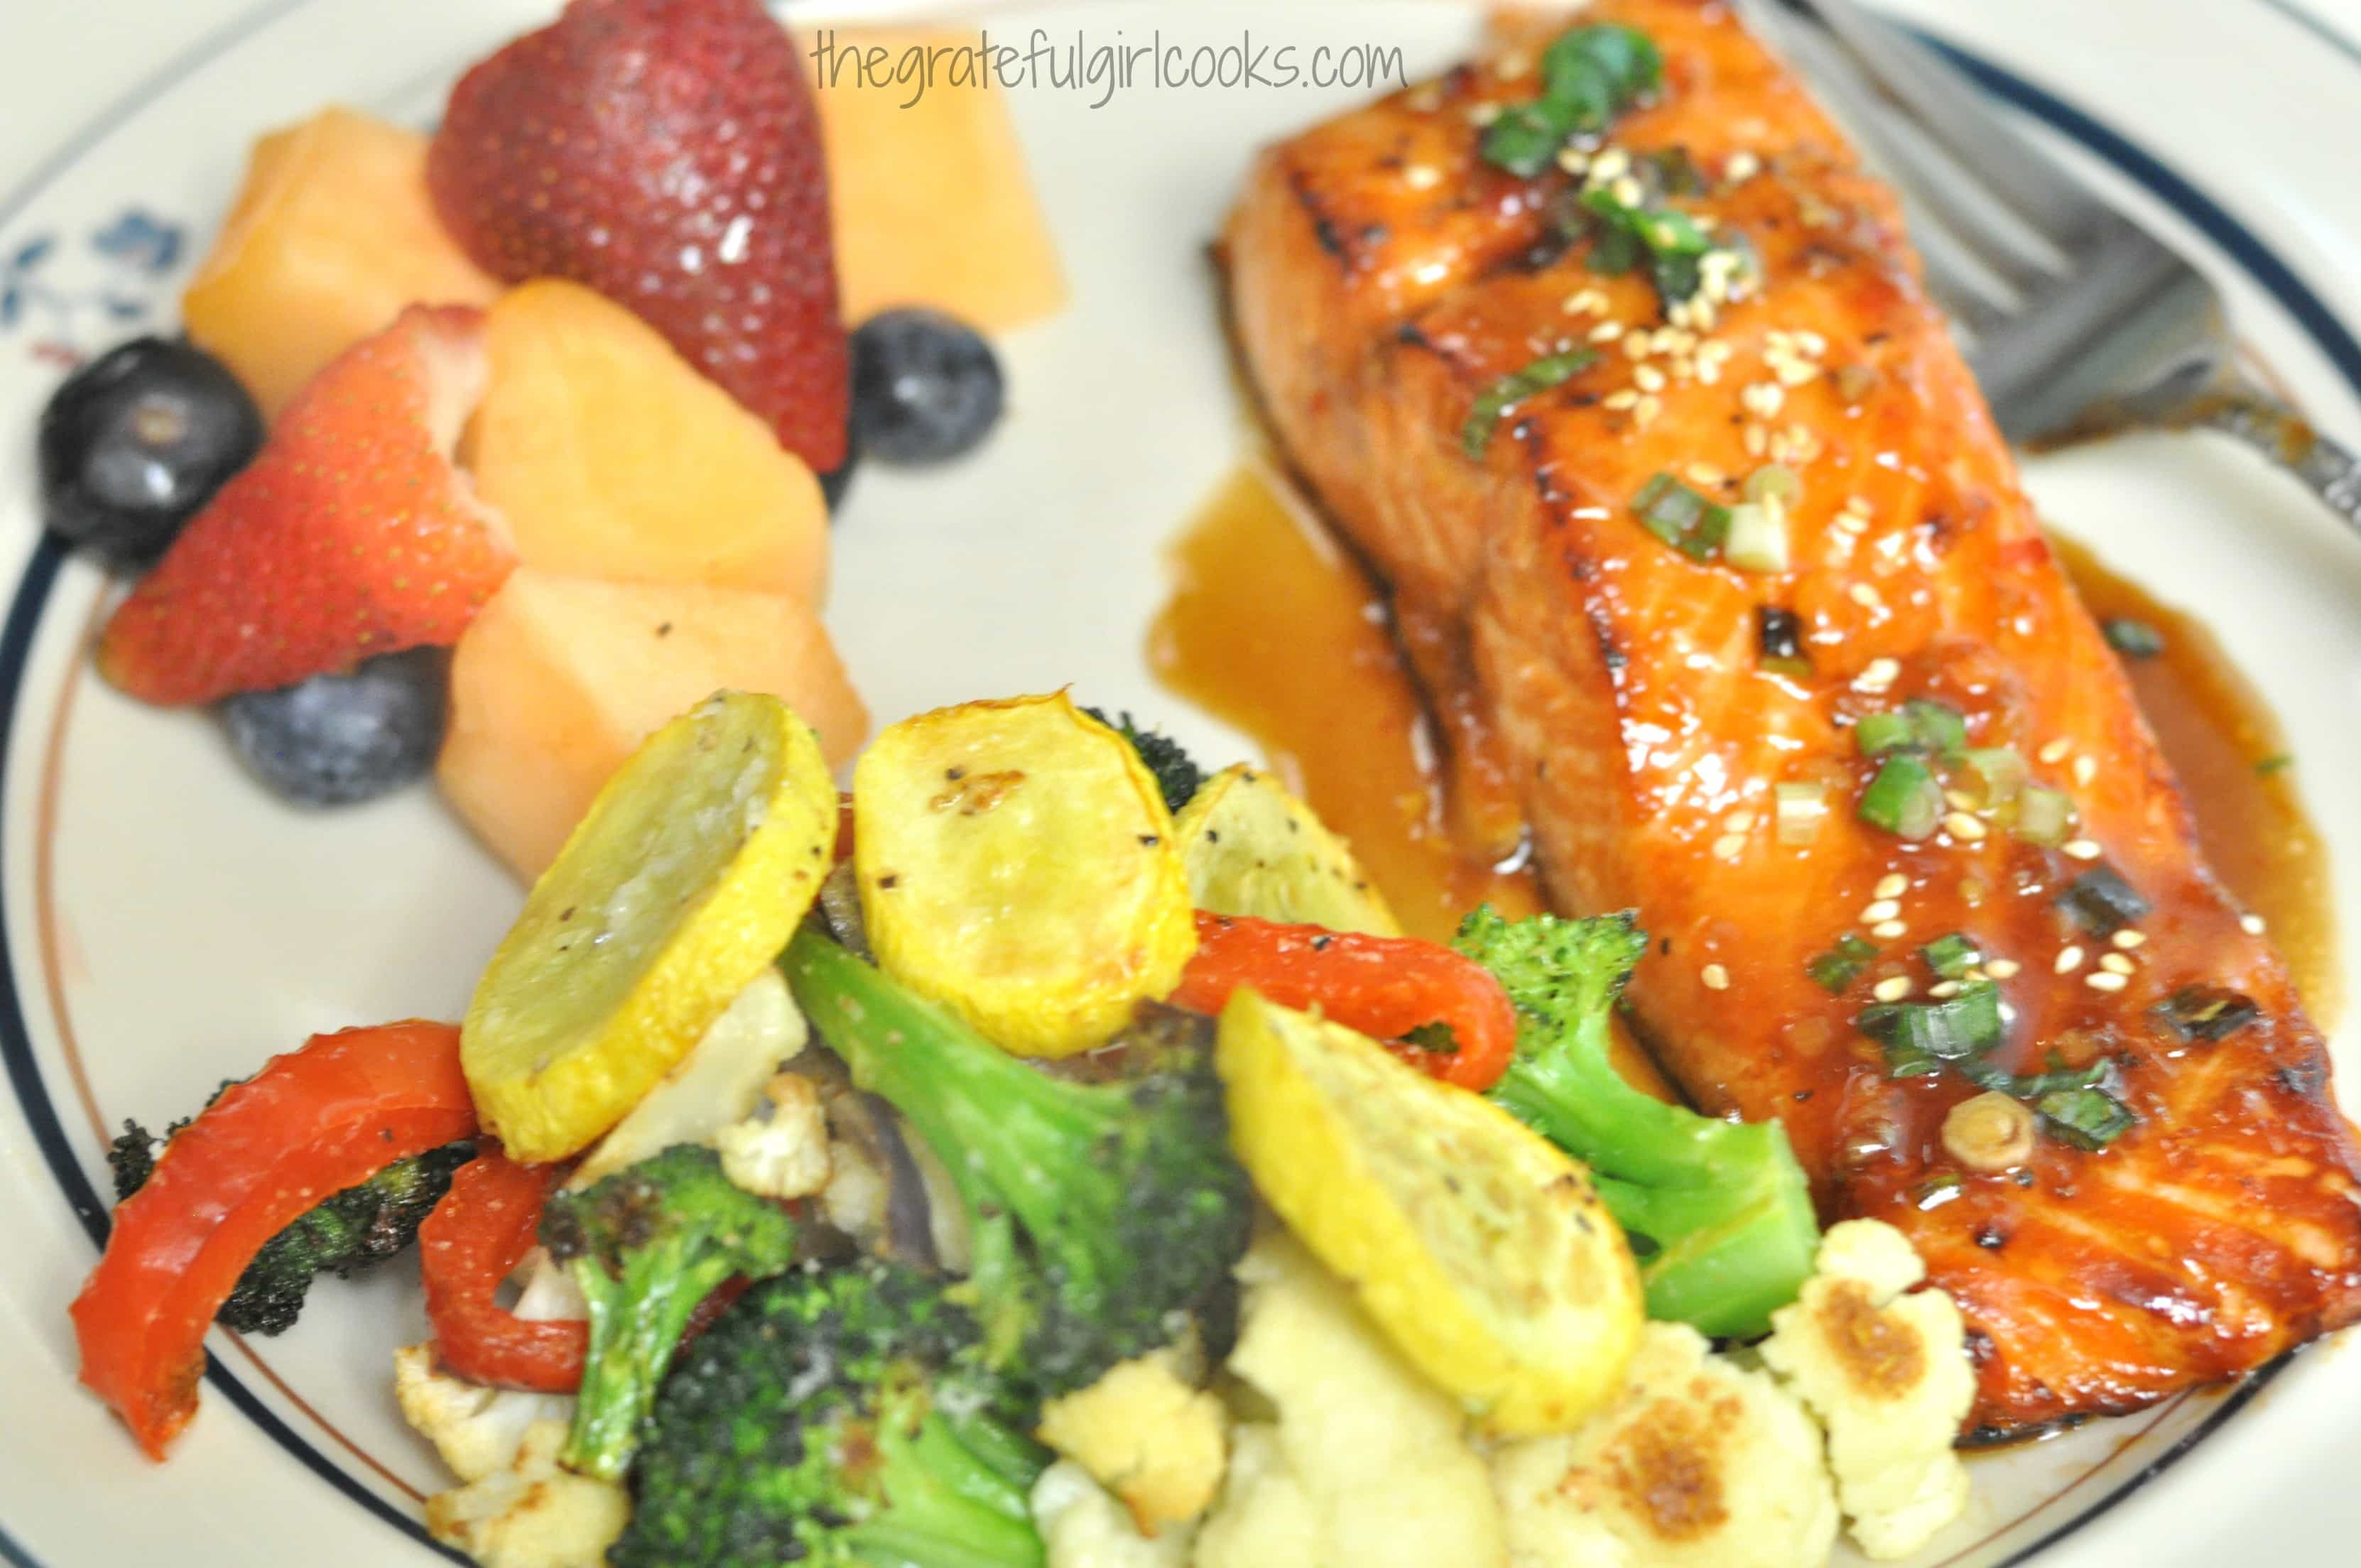 Sweet Ginger Teriyaki Salmon The Grateful Girl Cooks